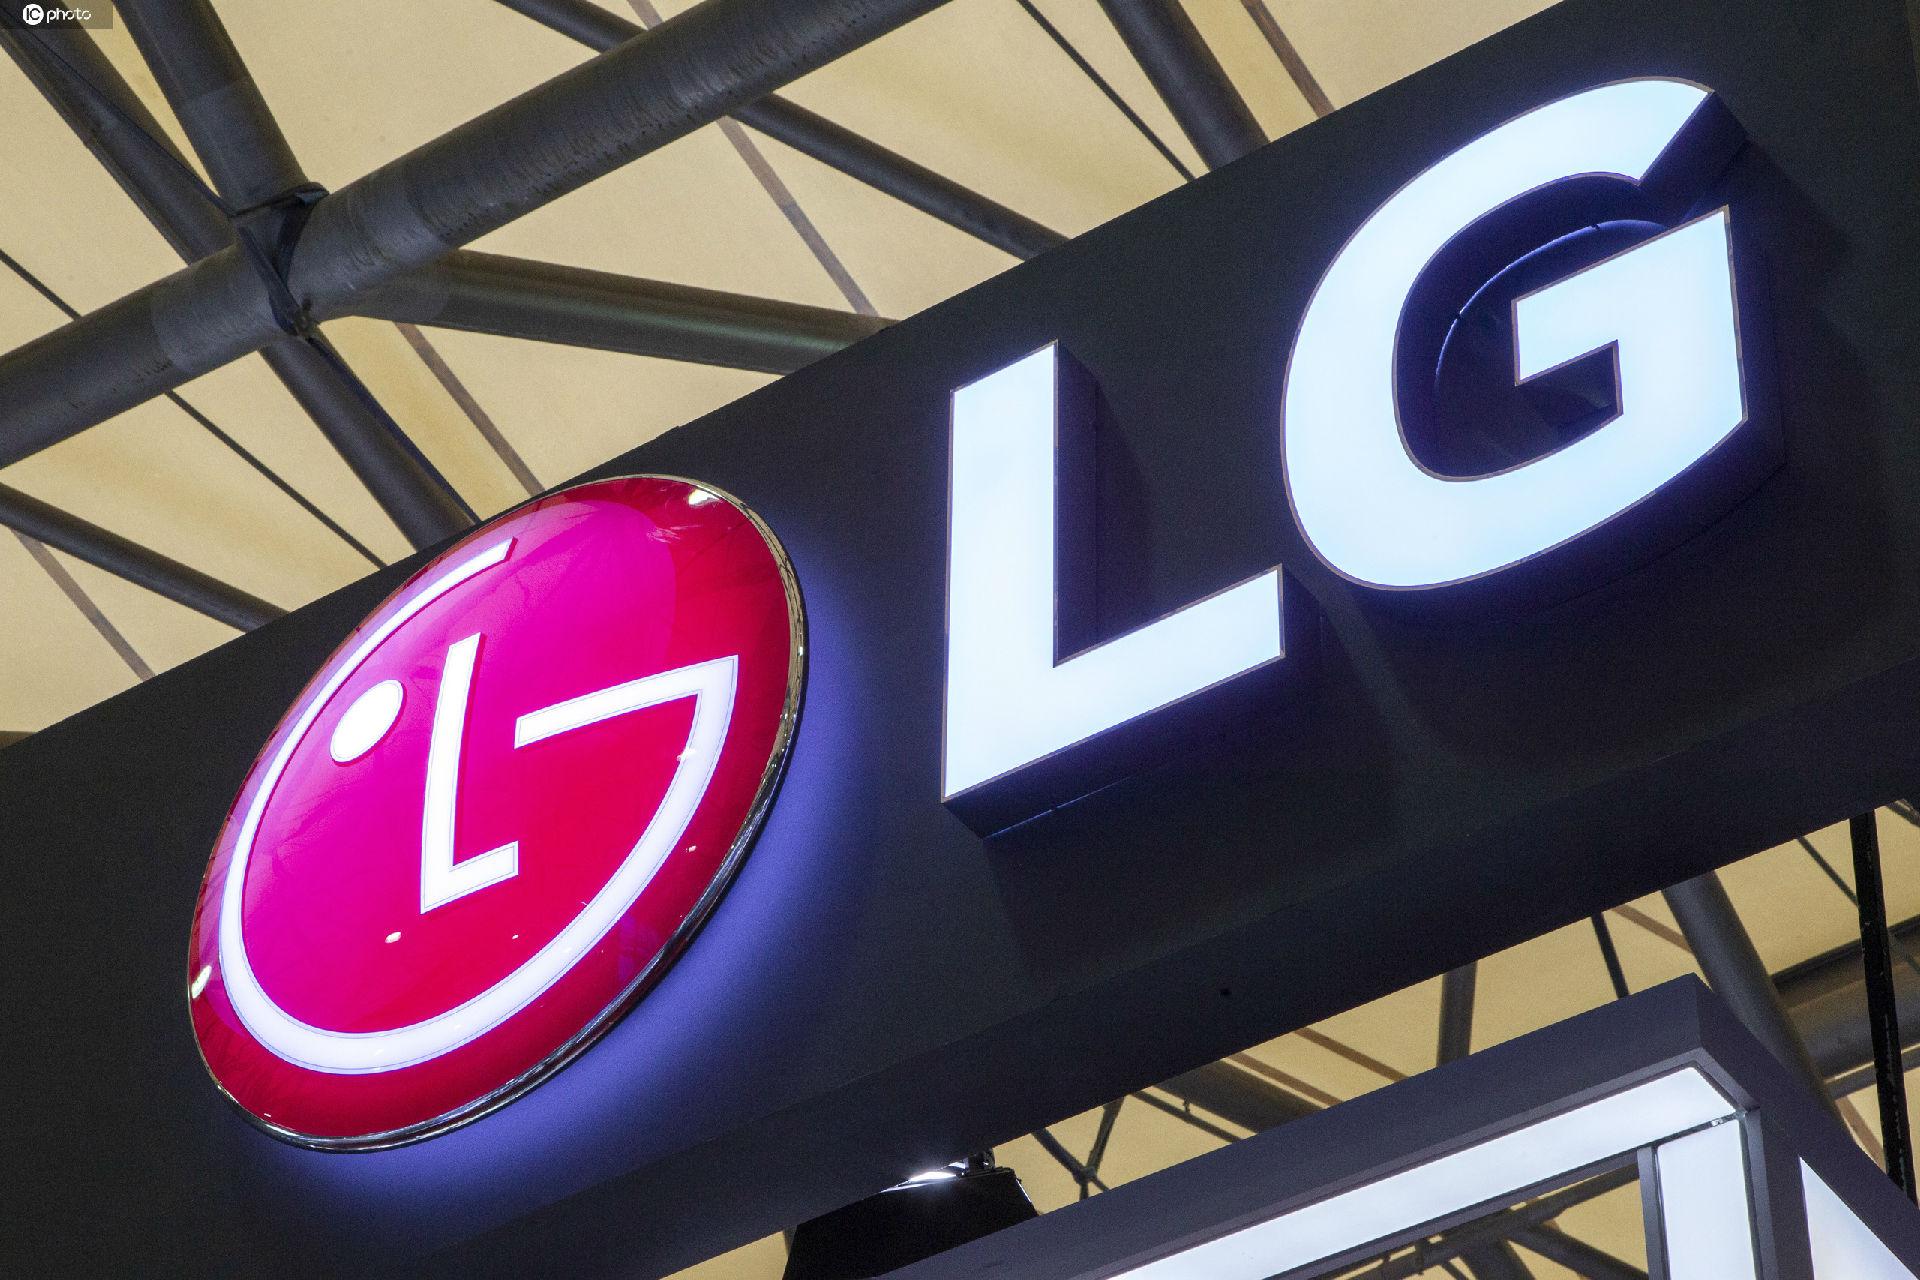 消息称LG电子对TCL提起专利侵权诉讼